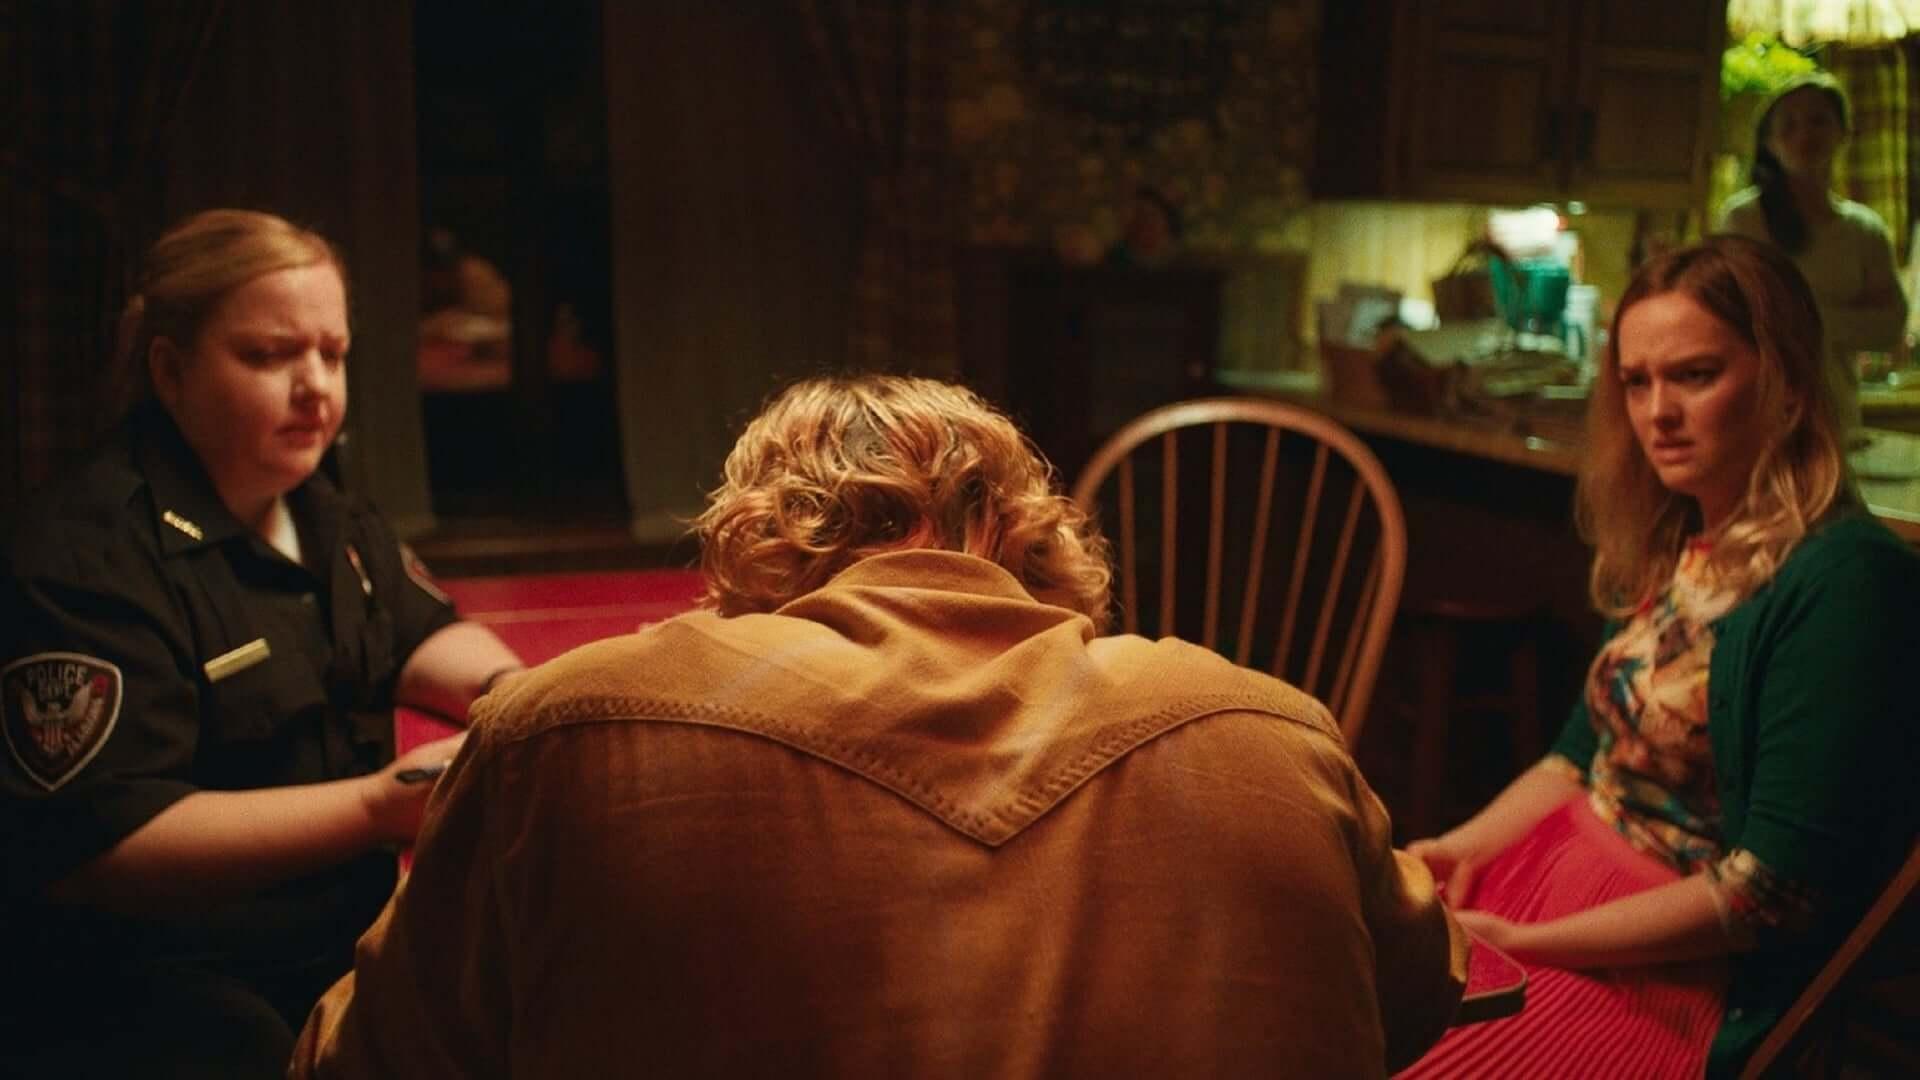 『ディック・ロングはなぜ死んだのか?』の大喜利「#ディックに一言」をダニエル・シャイナート監督×つぶやきシローが審査!特別映像が公開 film200808_dicklong-movie_14-1920x1080